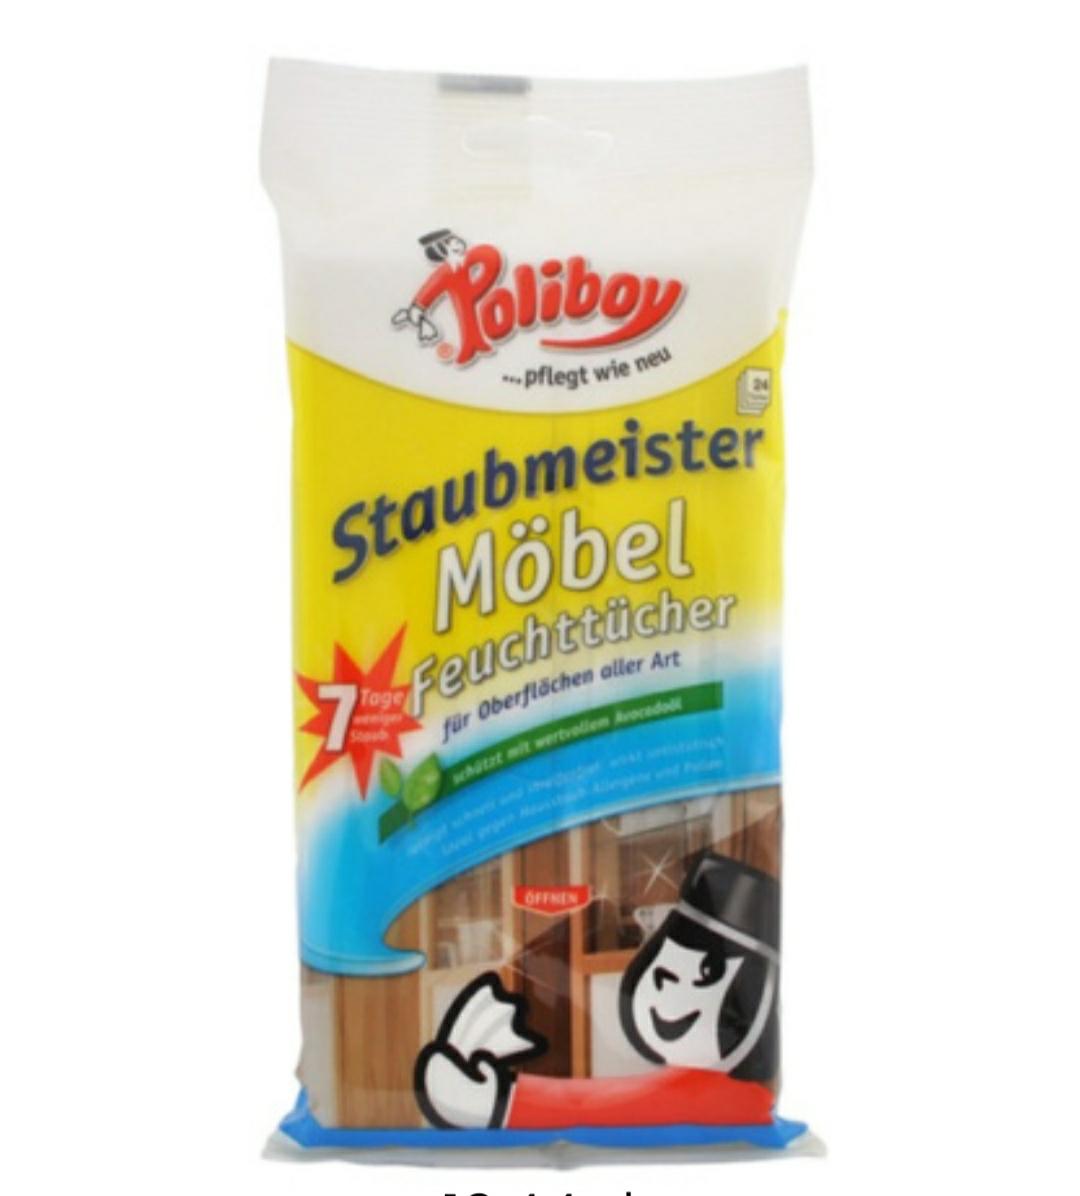 POLIBOY 24szt Staubmeister Mobel Feuchttucher Wilgotne ściereczki do mebli Cena 1 zł za 24 szt (0.04 zł/szt) + Dostawa 5.99